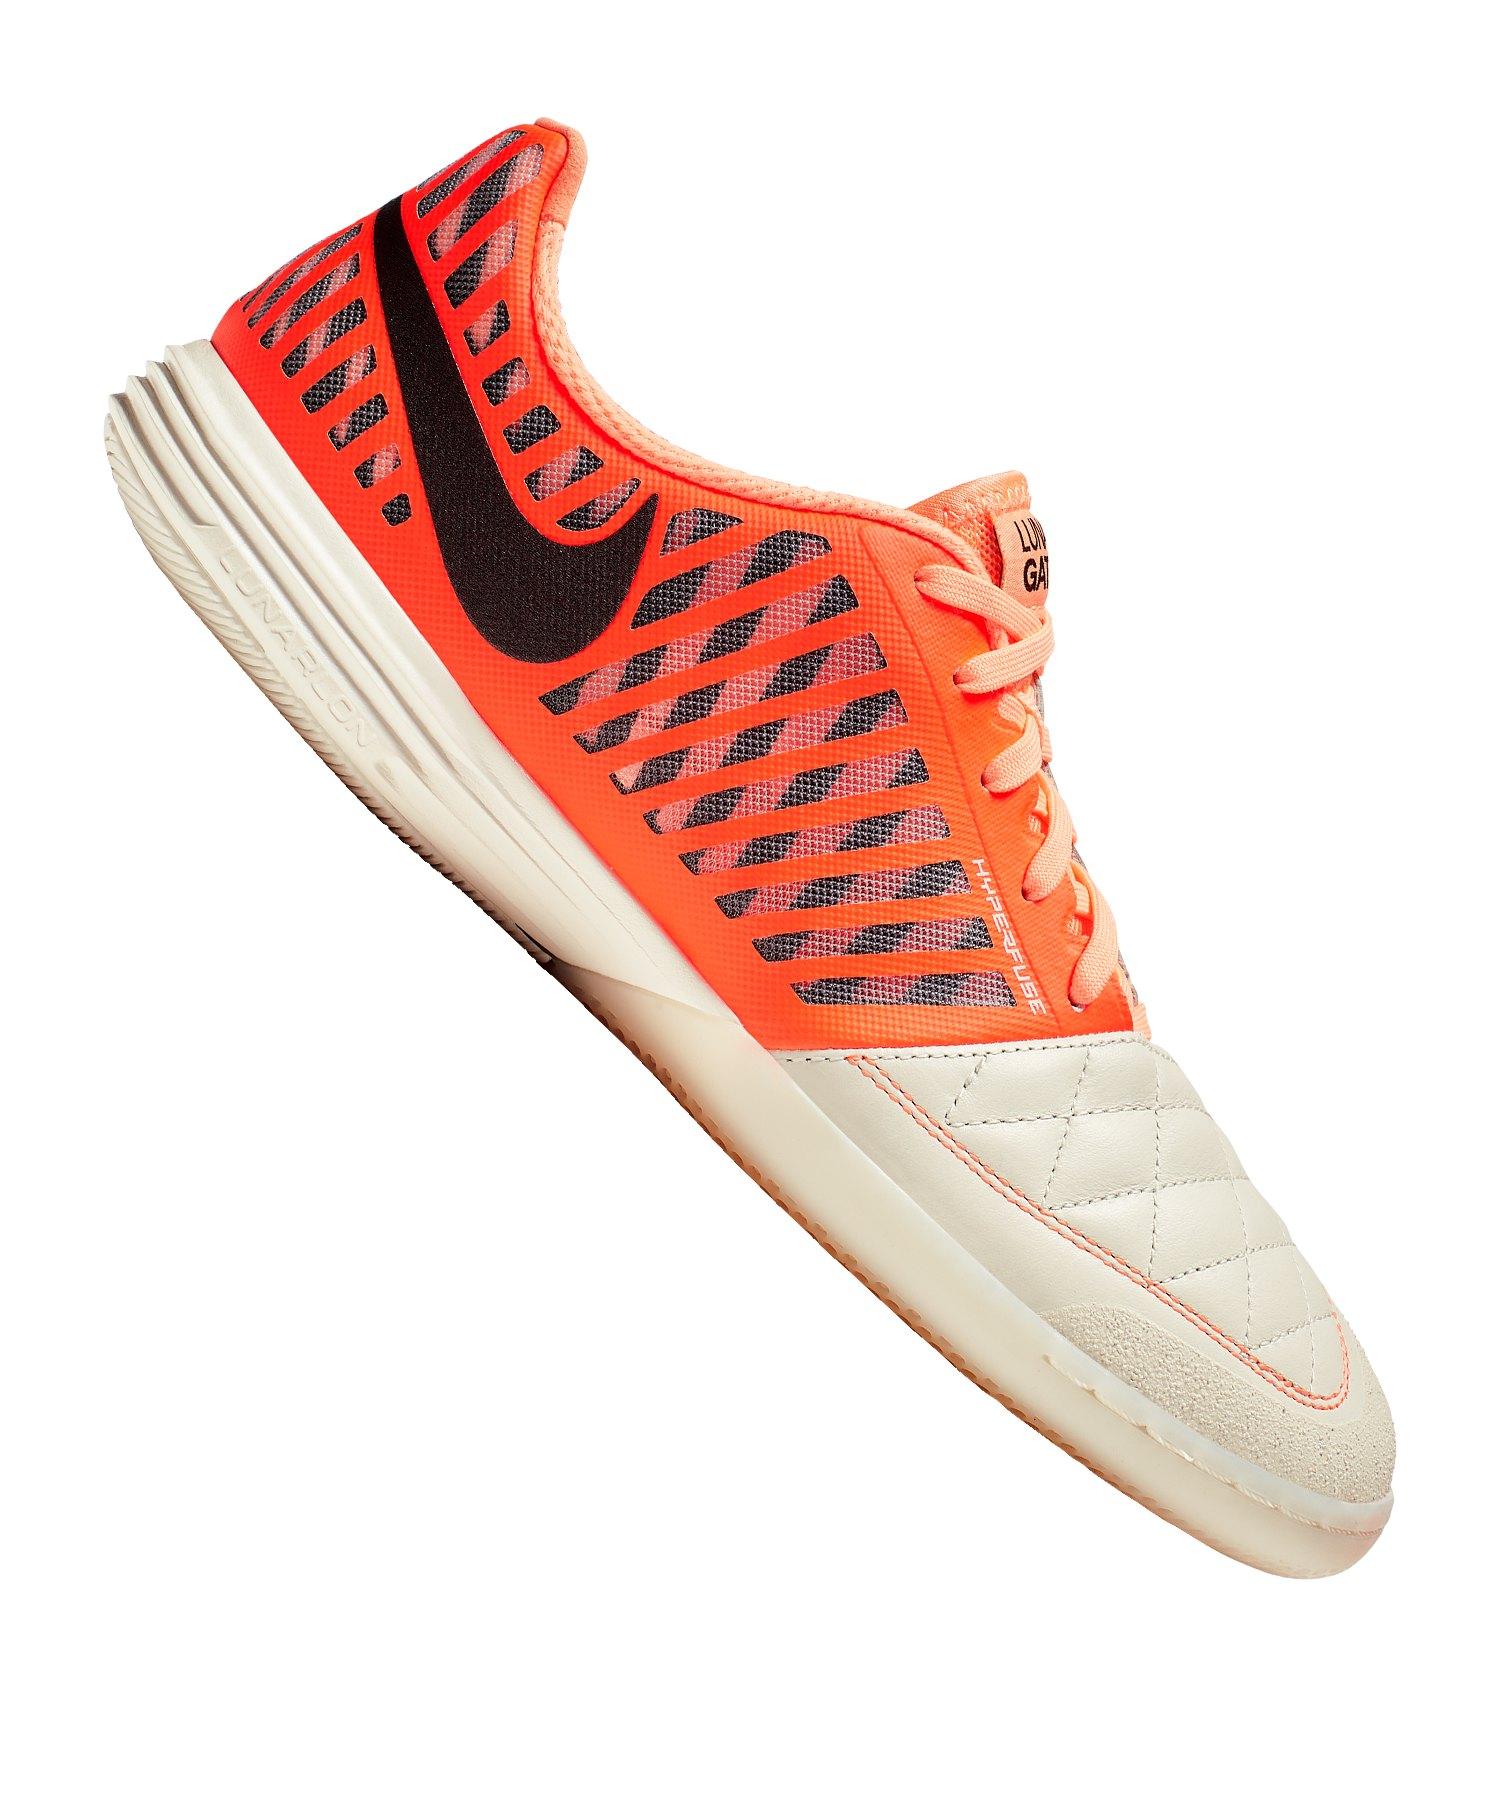 Nike 5 Five Lunar Gato II Futsal IC F128 - orange